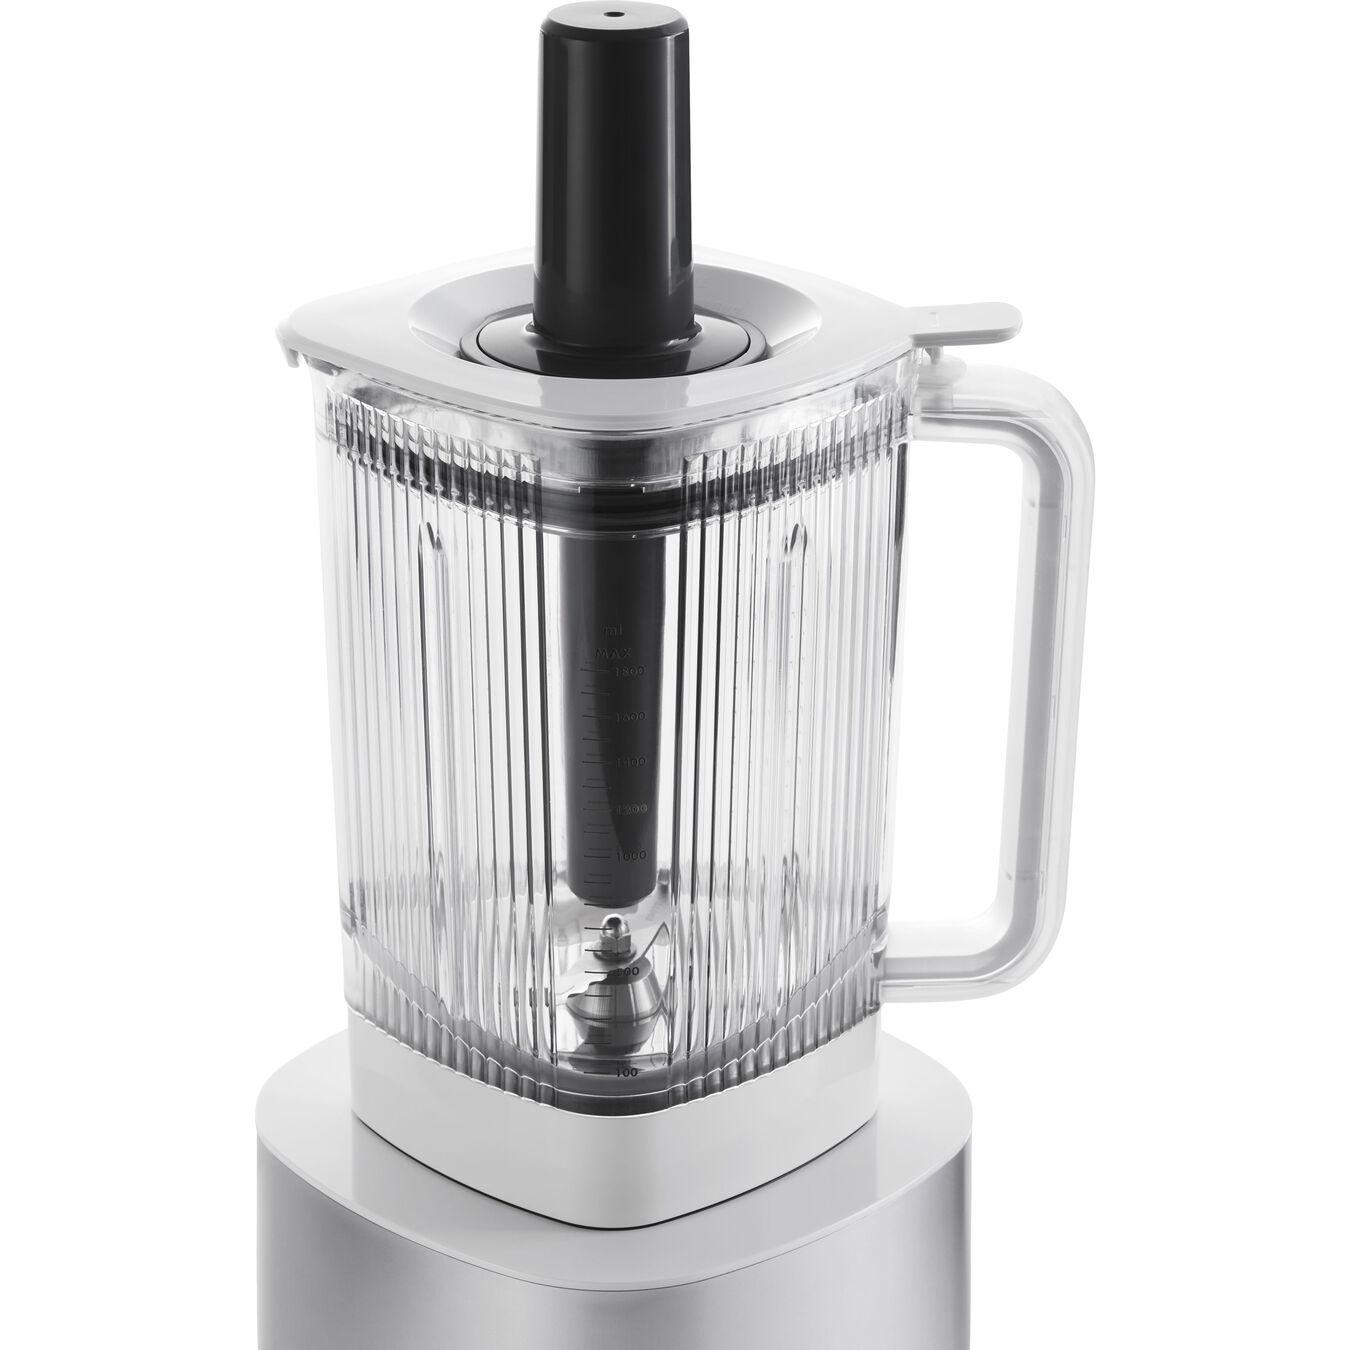 Frullatore ad alte prestazioni - AC Motor, argento,,large 8